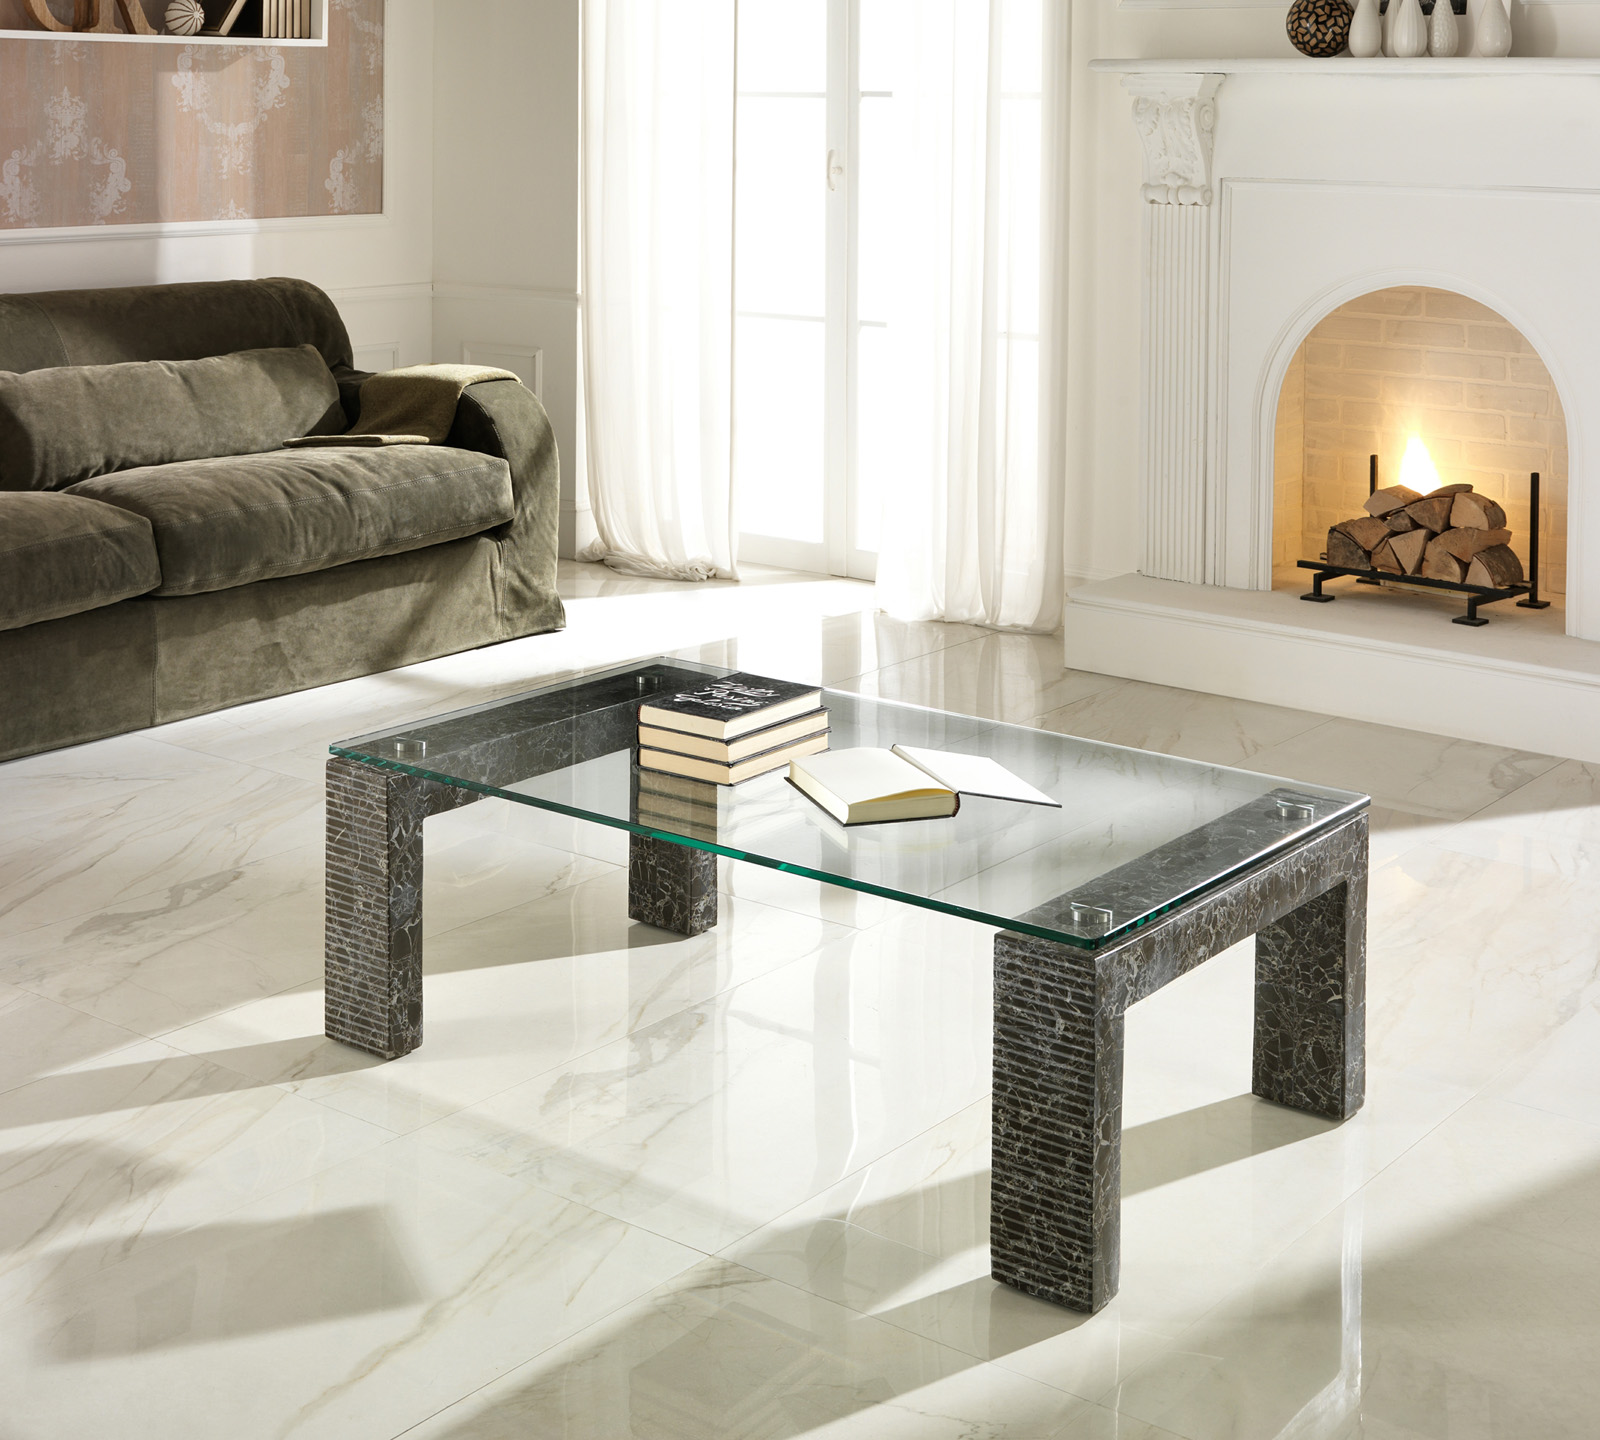 Tavolino da salotto millerighe nero duzzle for Tavolino salotto nero